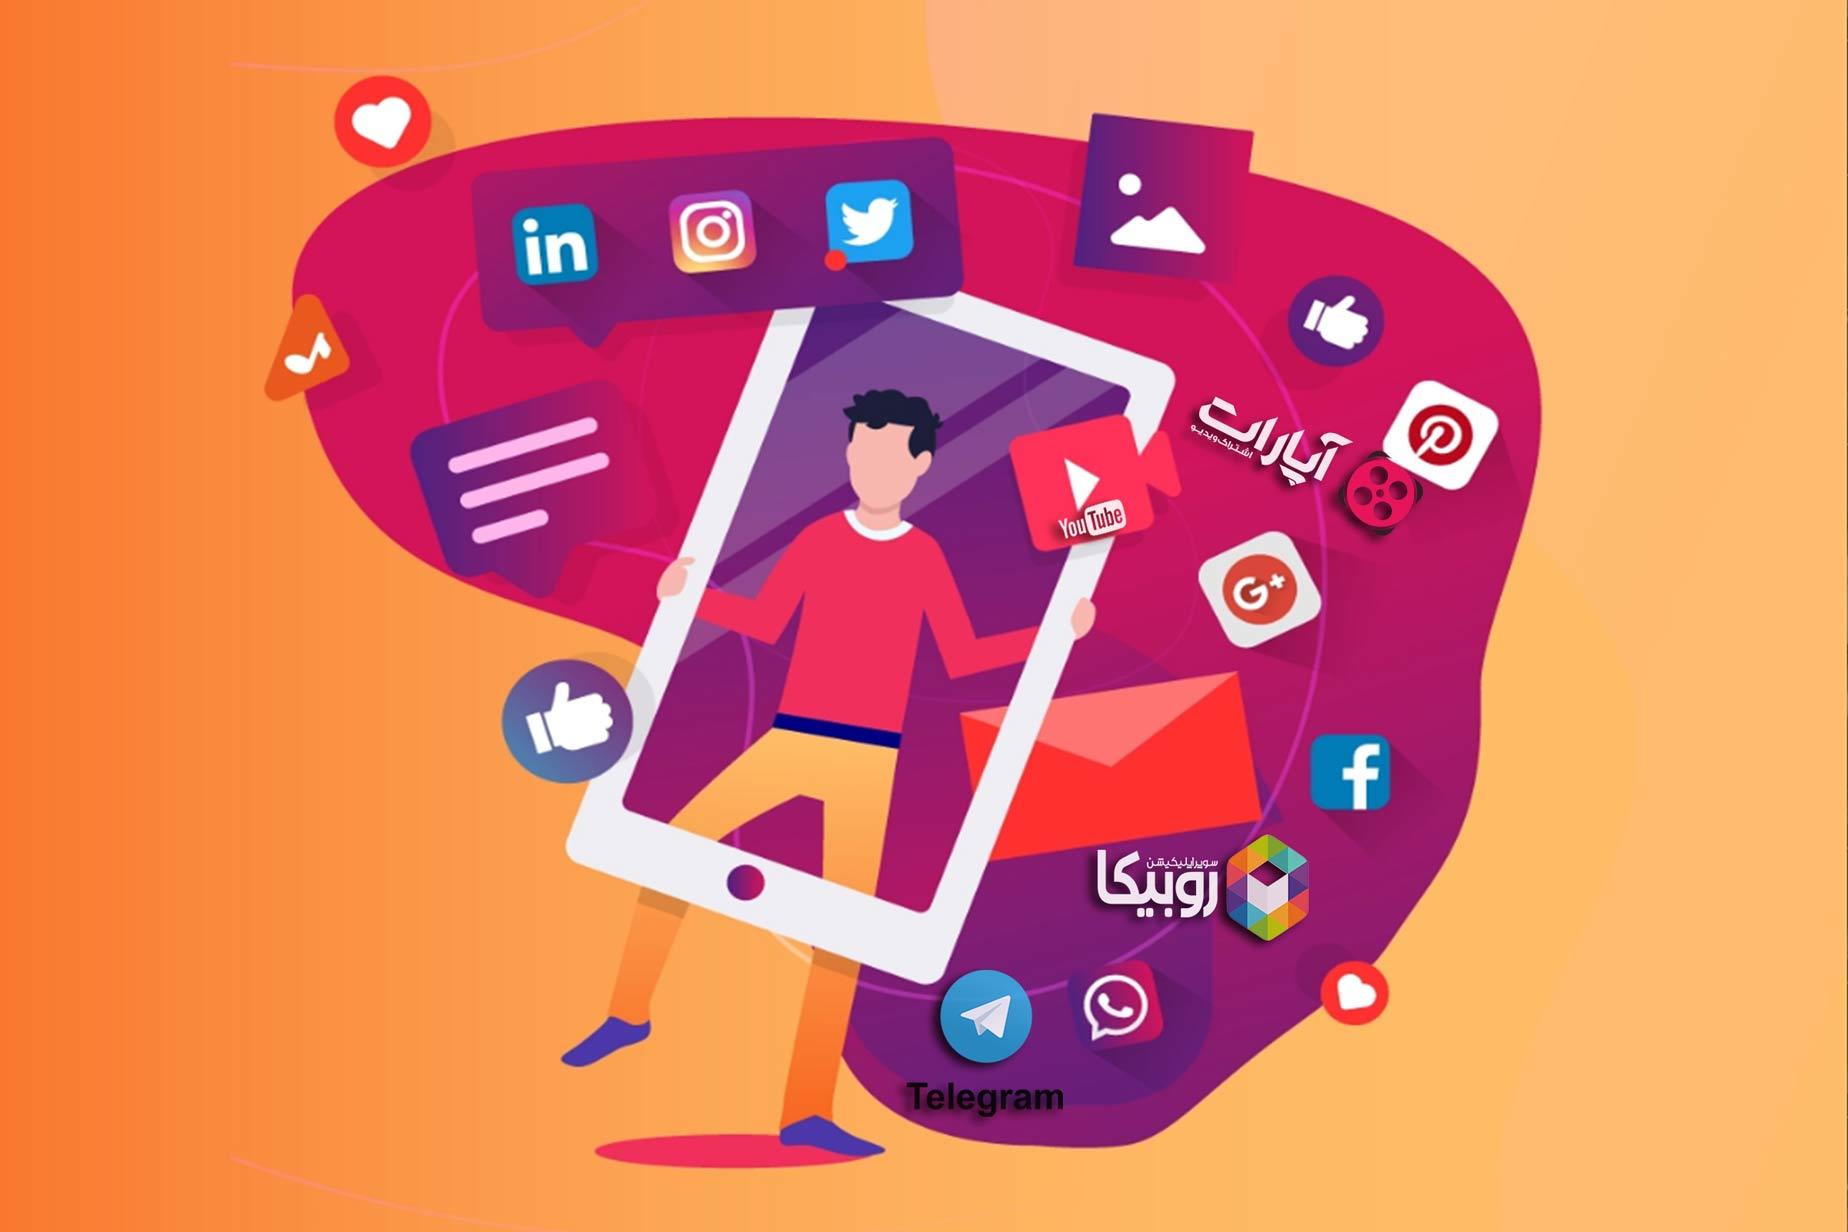 شبکه های اجتماعی اکسیرعلم